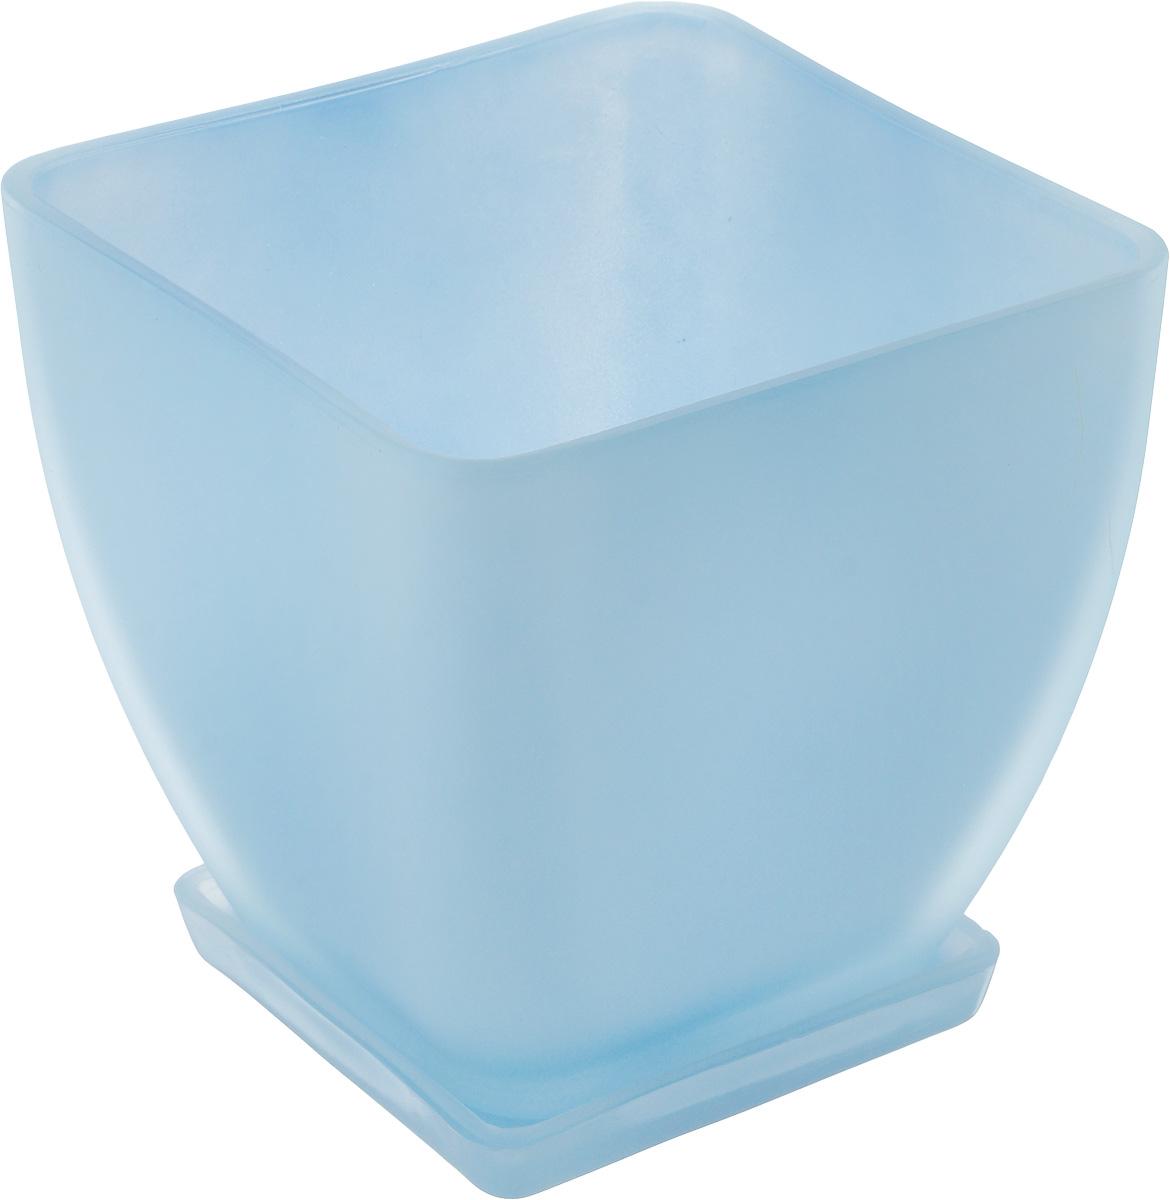 Горшок для цветов NiNaGlass Бетти, с поддоном, цвет: прозразный, голубой, 14,5 х 14,5 см531-401Горшок для цветов оригинального дизайна, выполненный из высококачественного стекла, - прекрасный способ подчеркнуть красоту и уникальность любого растения и дополнить интерьер помещения. К горшку прилагается поддон. Размер горшка (по верхнему краю):14,5 см х 14,5 см. Высота горшка: 14 см.